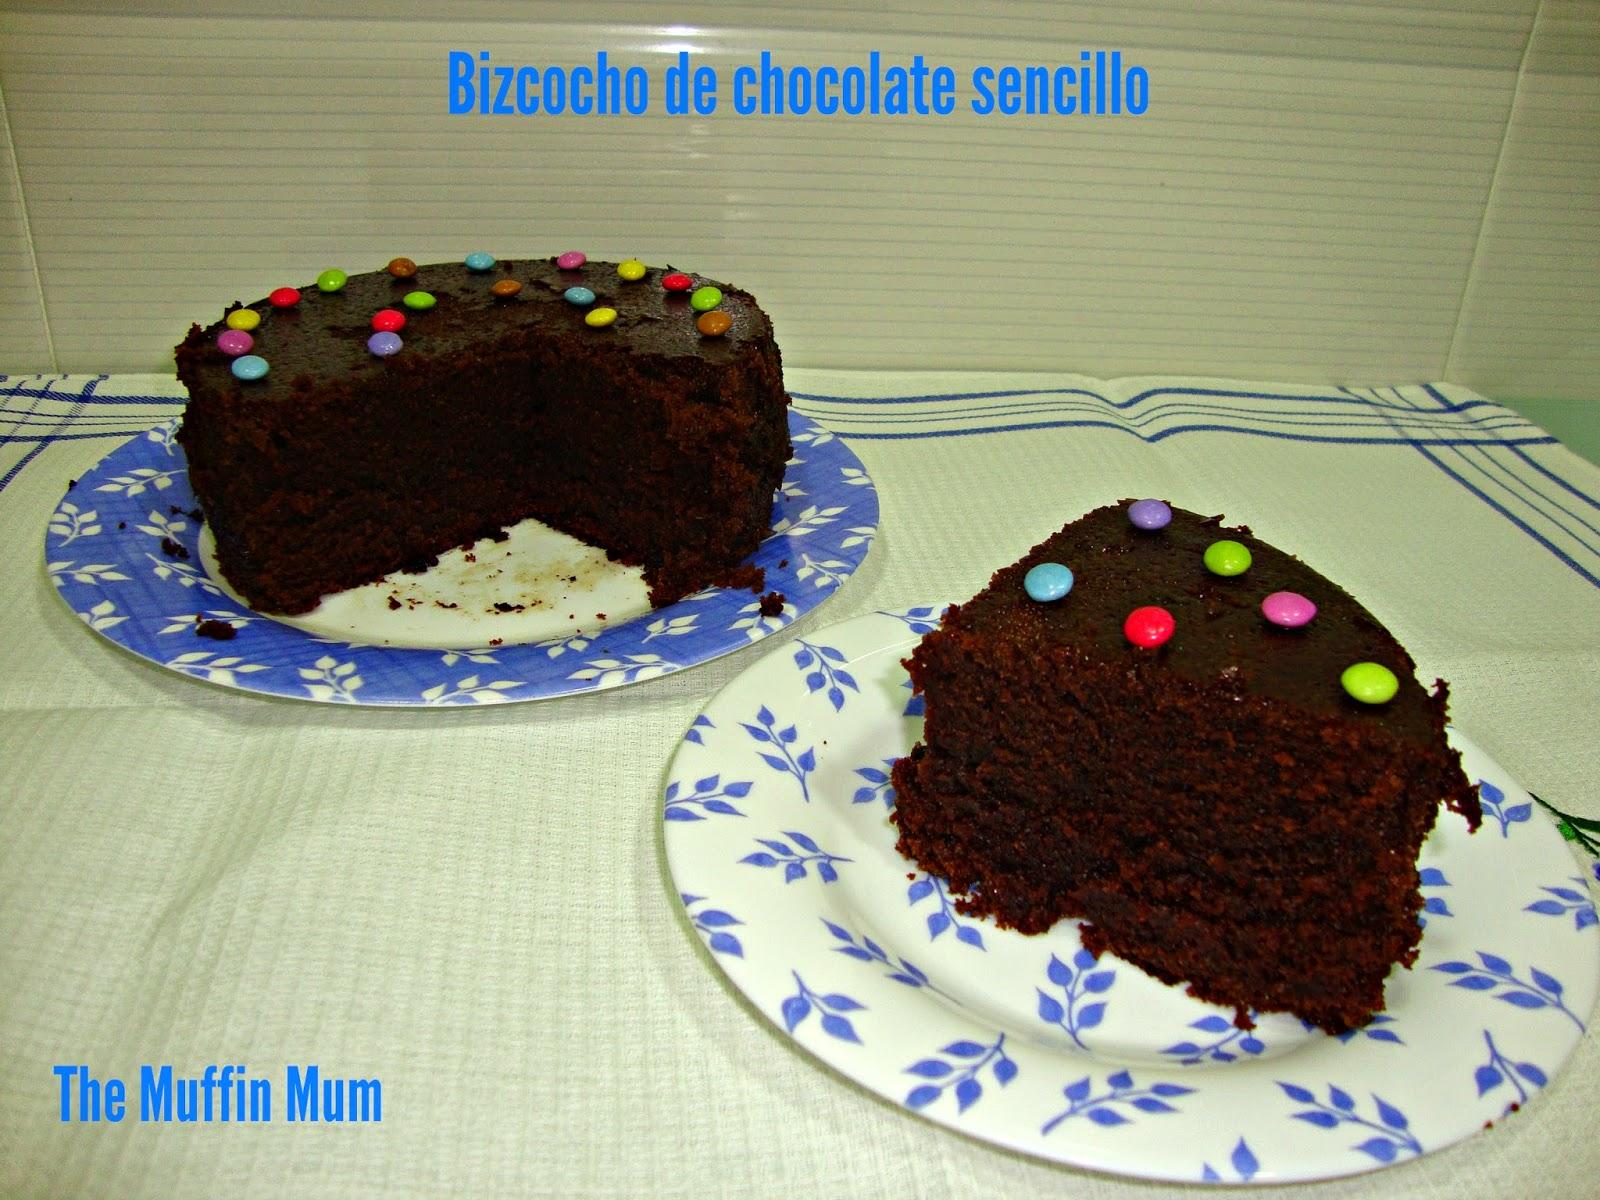 Bizcocho sencillo de chocolate